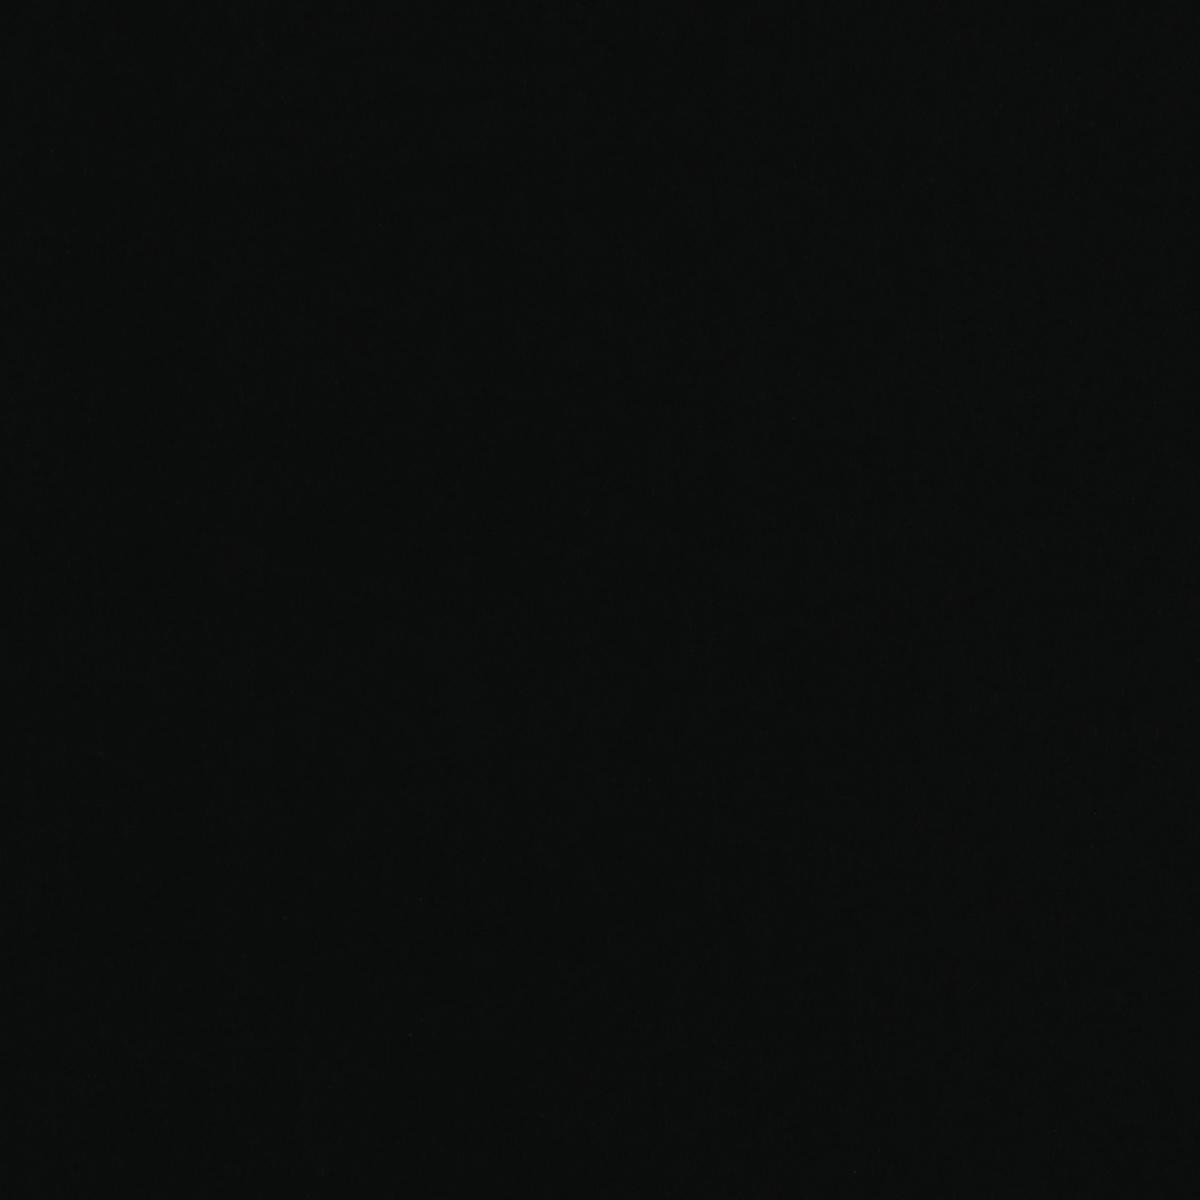 Тонкий шёлковый крепдешин чёрного цвета